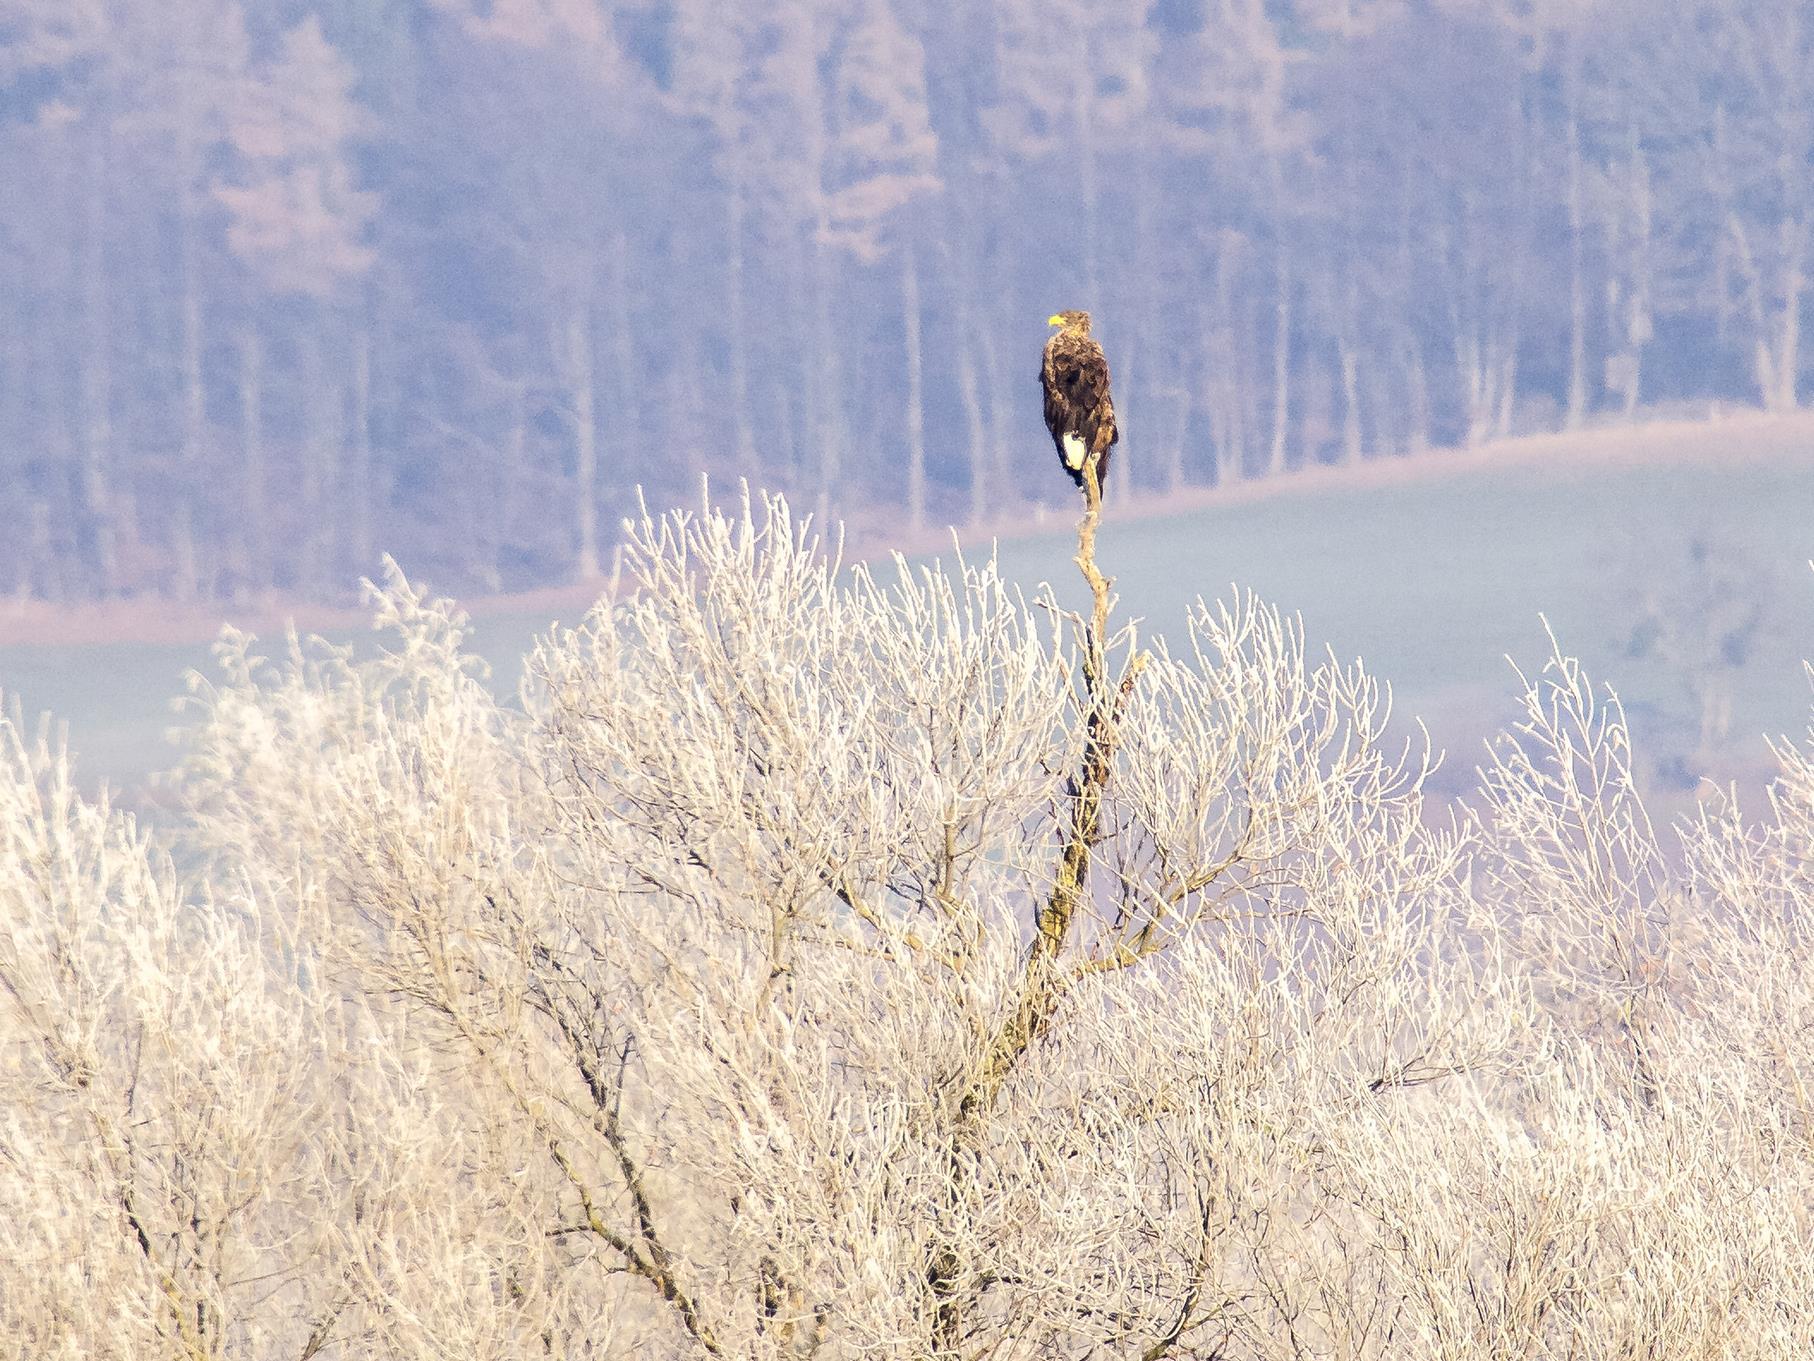 Einer der Seeadler sitzt auf einer Kopfweide.